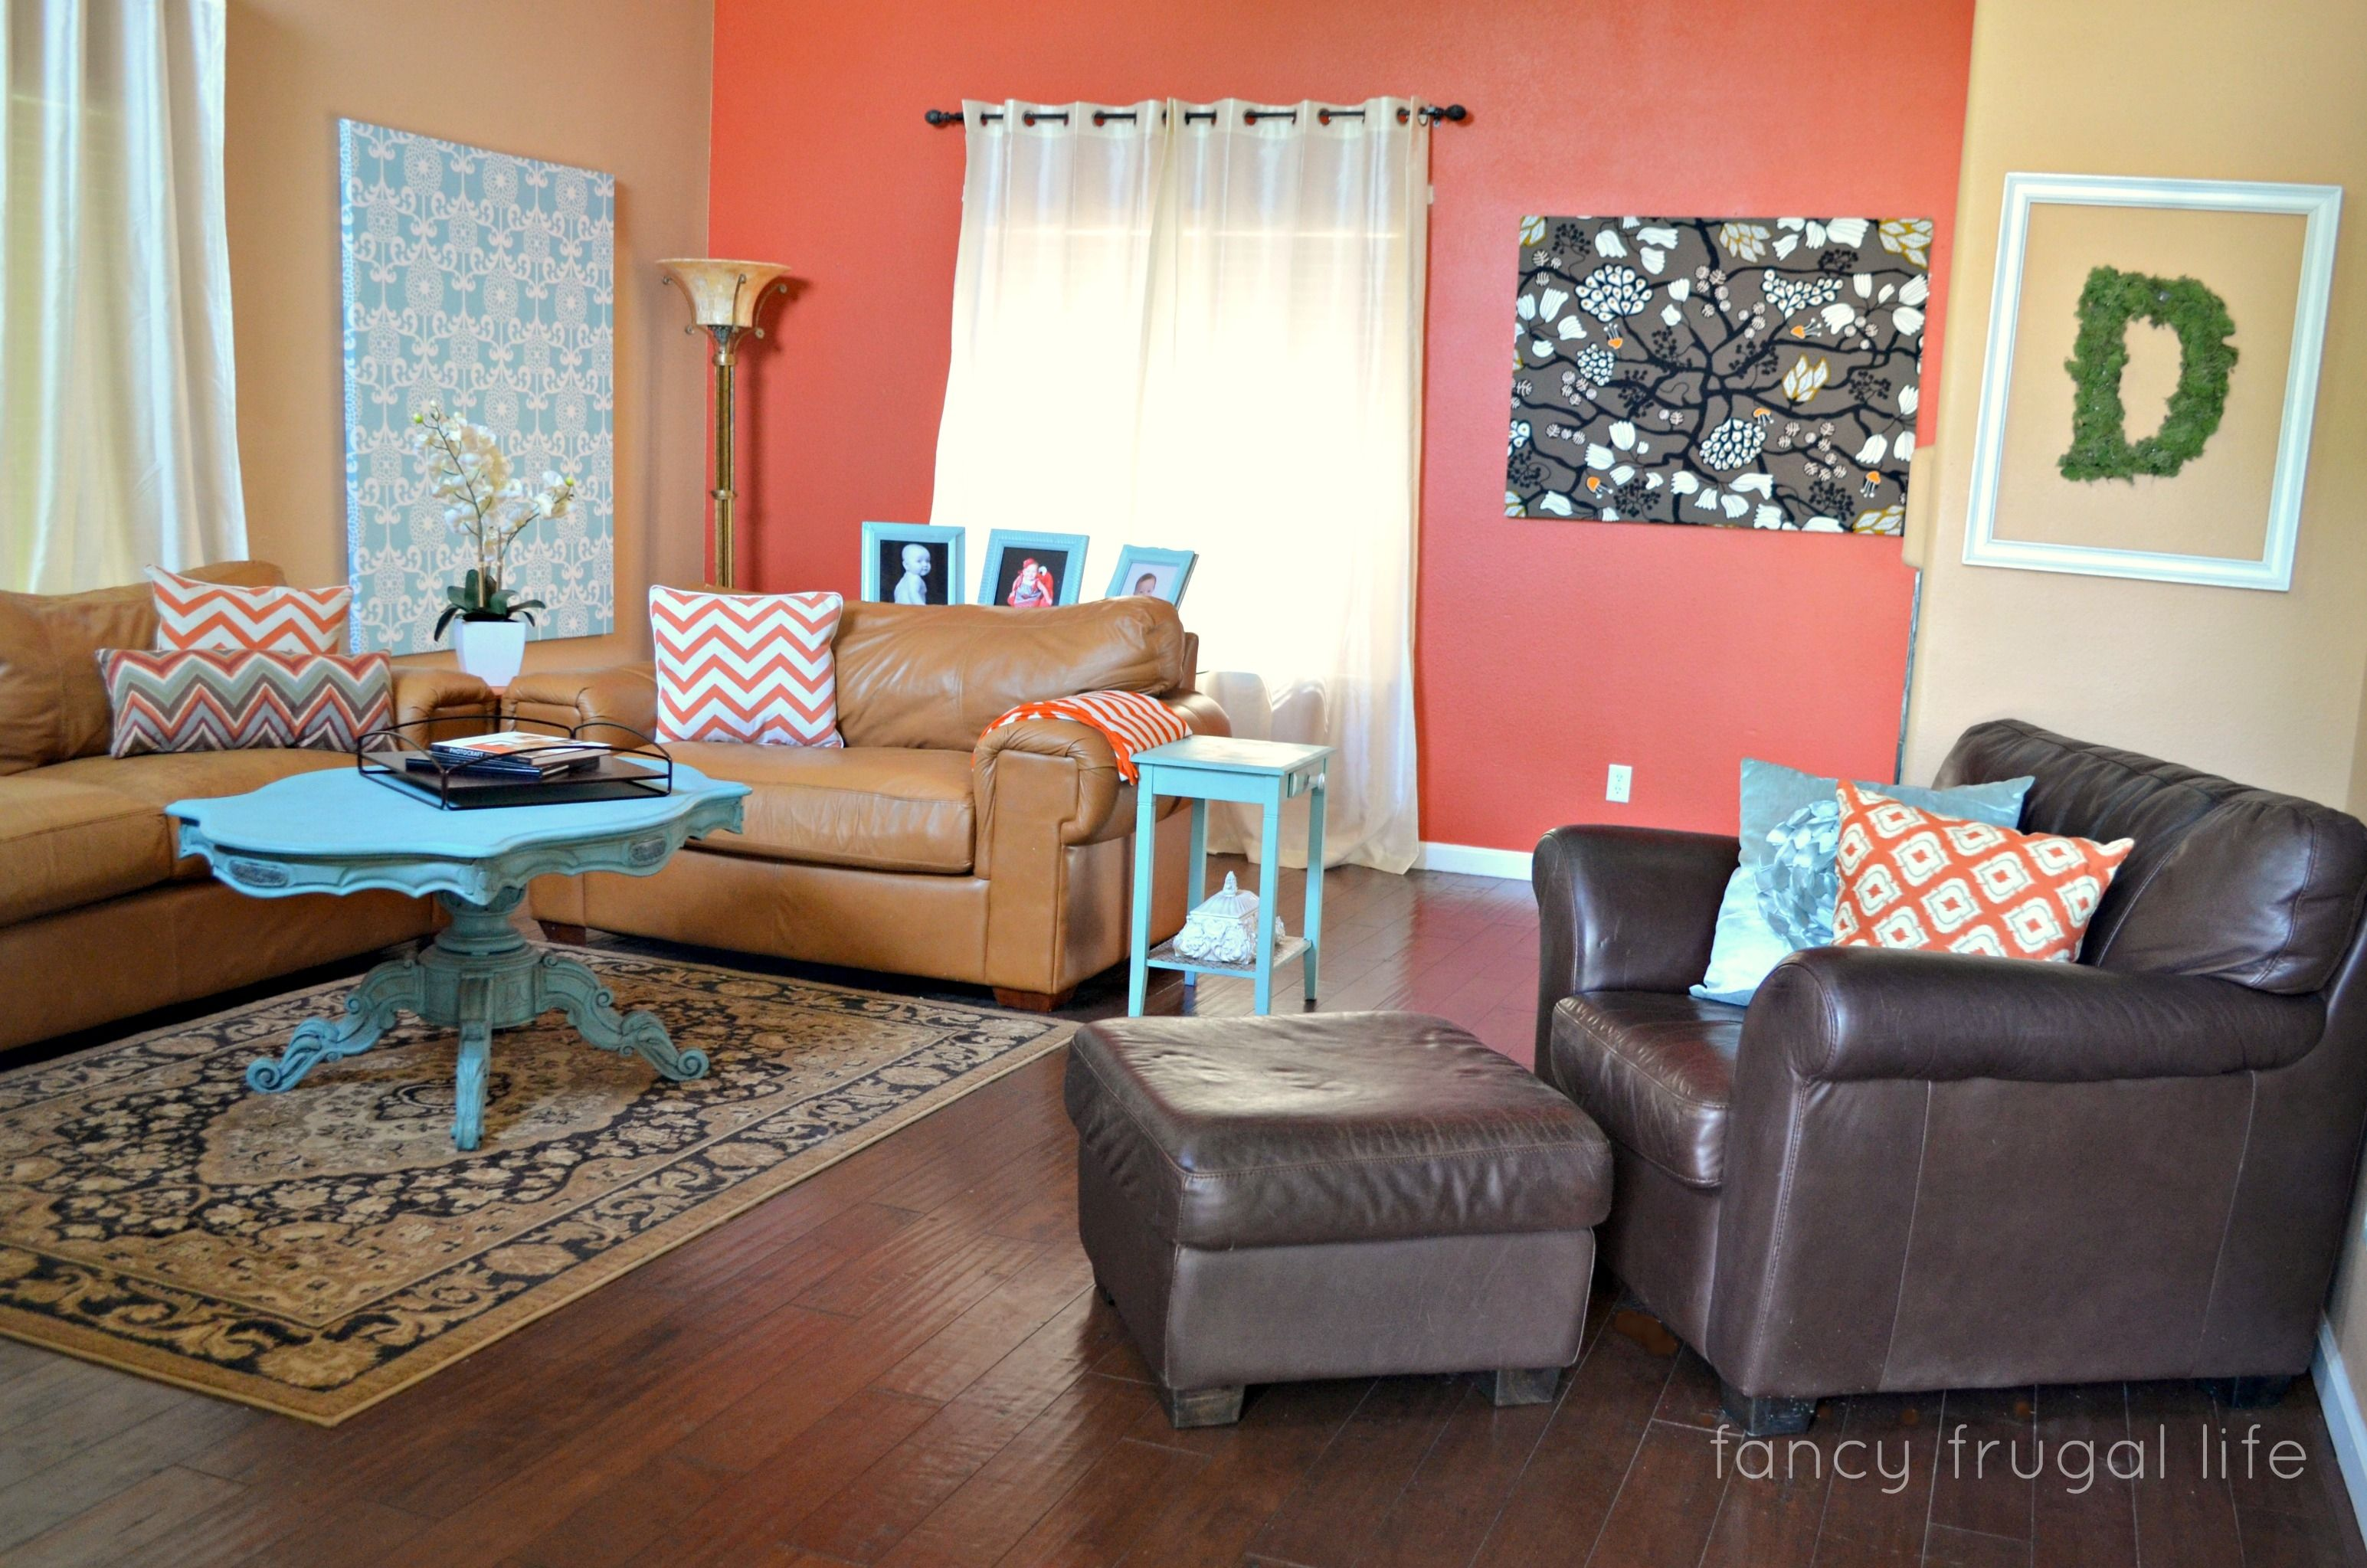 College Apartment Living Room Decorating Ideas | College Apartment ...